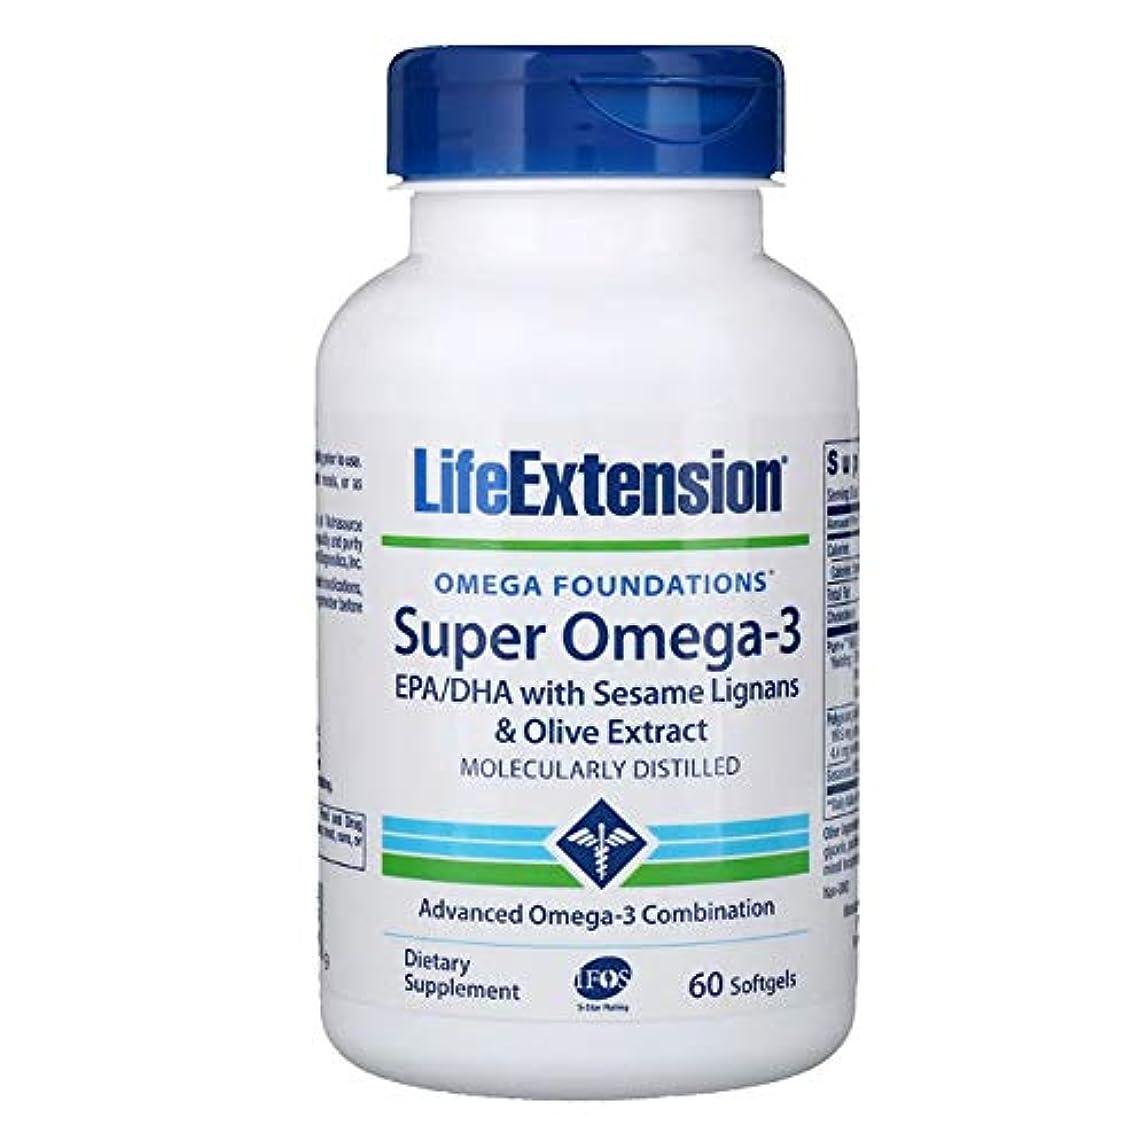 大胆なアクセルクランシーLife Extension オメガファンデーション オメガの基盤 スーパーオメガ 3 ソフトジェル 60粒 【アメリカ直送】